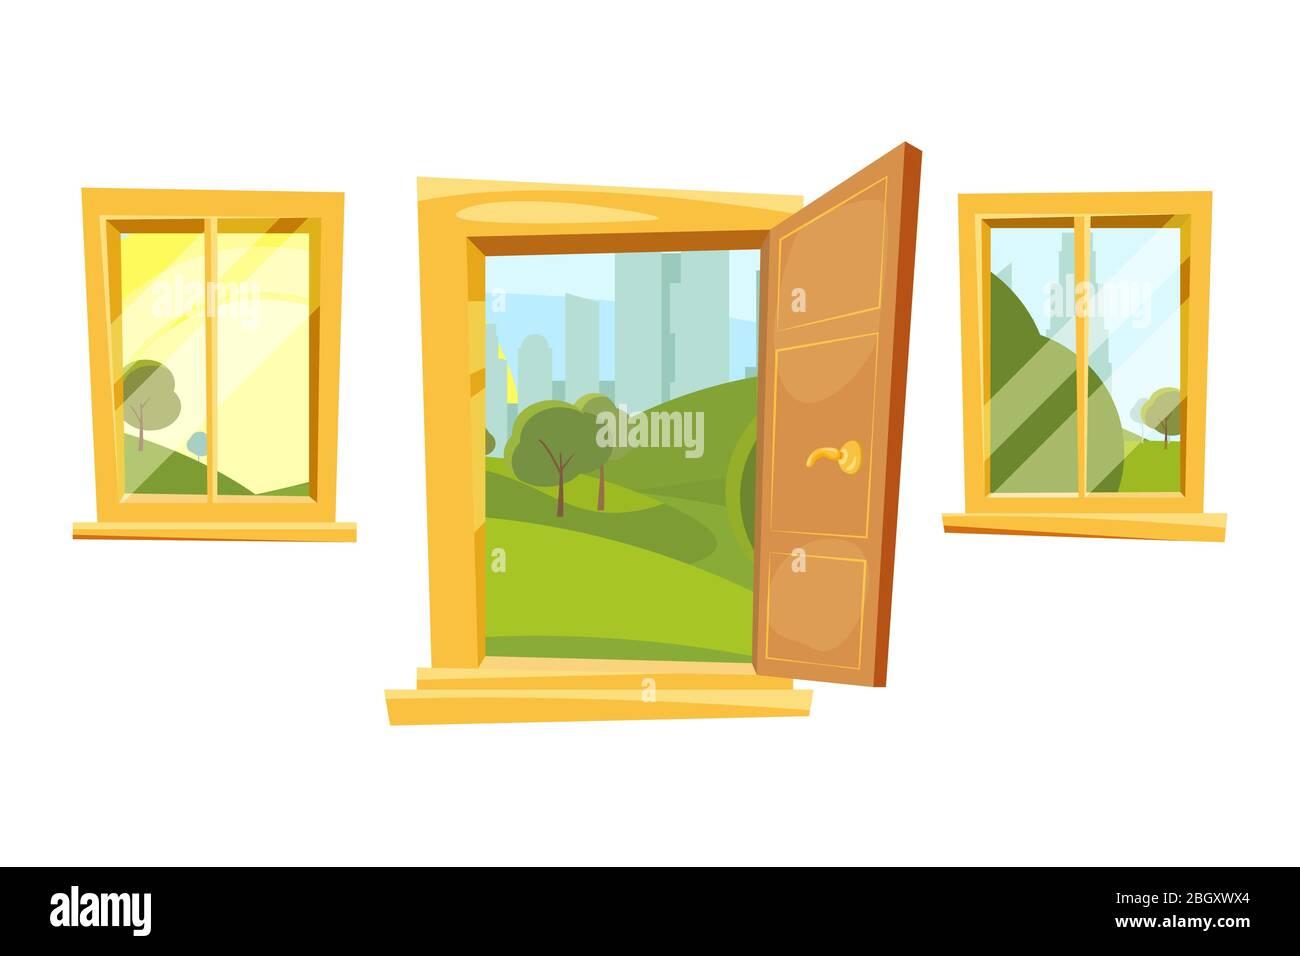 Puertas Abiertas Y Puesta De Sol Paisaje Detrás De Las Ventanas Imágenes Vectoriales En Estilo De Dibujos Animados Imagen De La Ventana Y La Puerta Del Marco De La Sala Interior Imagen